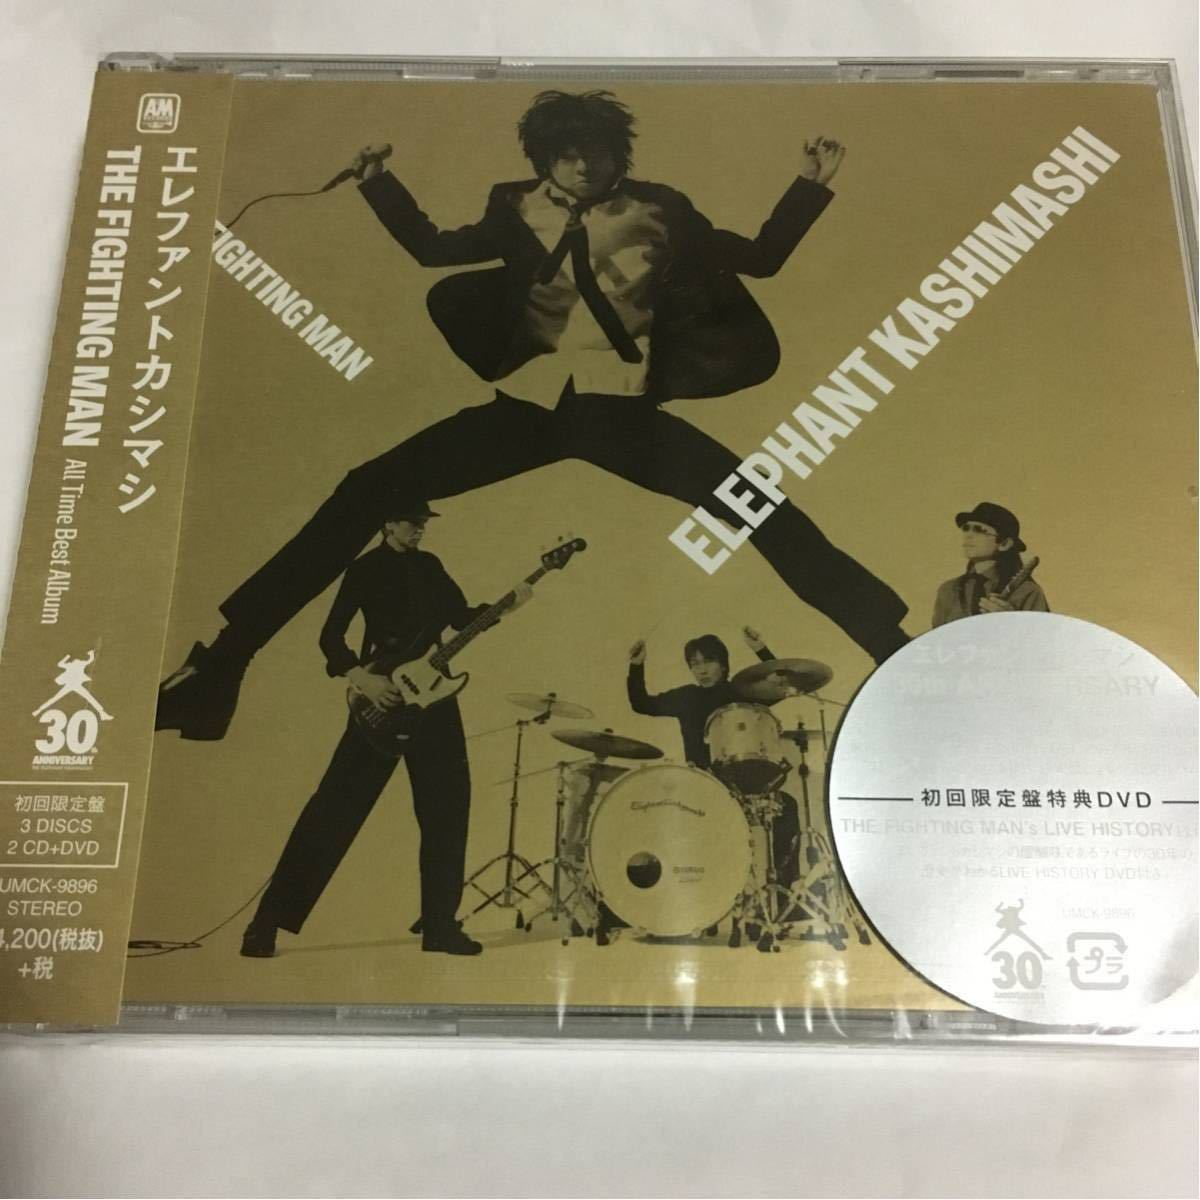 ☆新品 未開封☆ エレファントカシマシ / THE FIGHTING MAN All Time Best Album ★初回限定盤 CD+DVD★_画像1